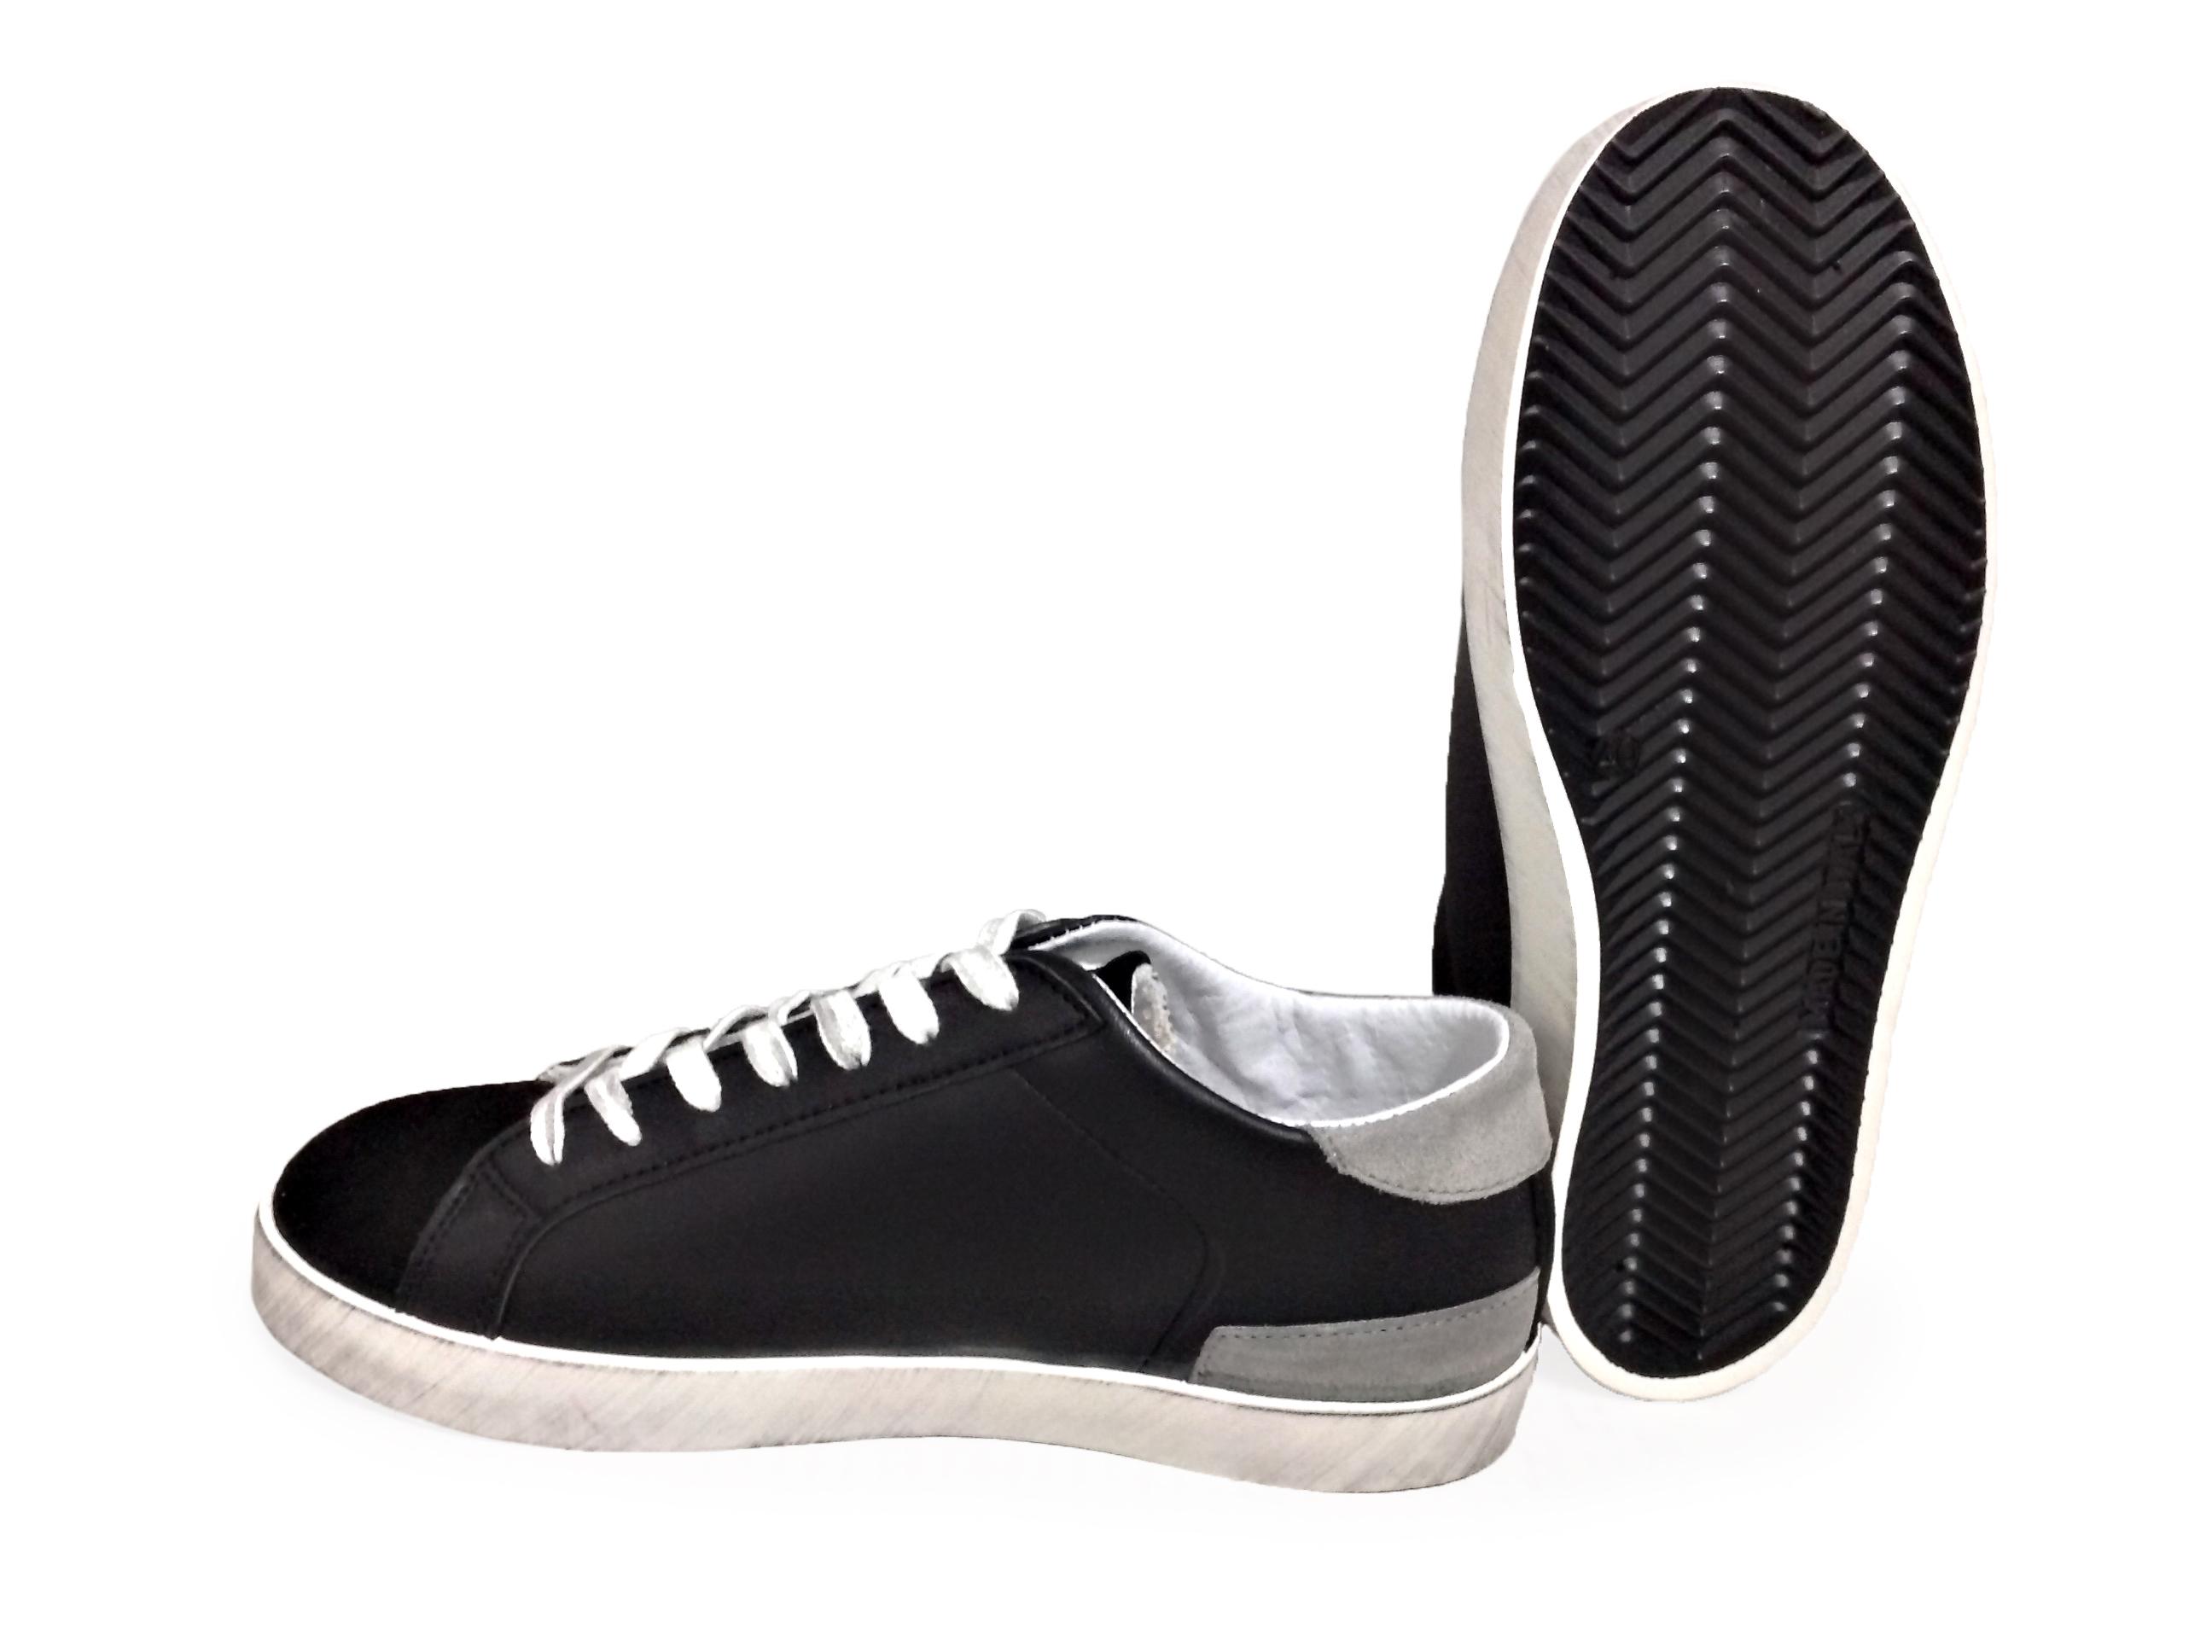 Dettagli su scarpe sneakers basse uomo pelle nero stella grigia camoscio fondo sfumato Nuovo